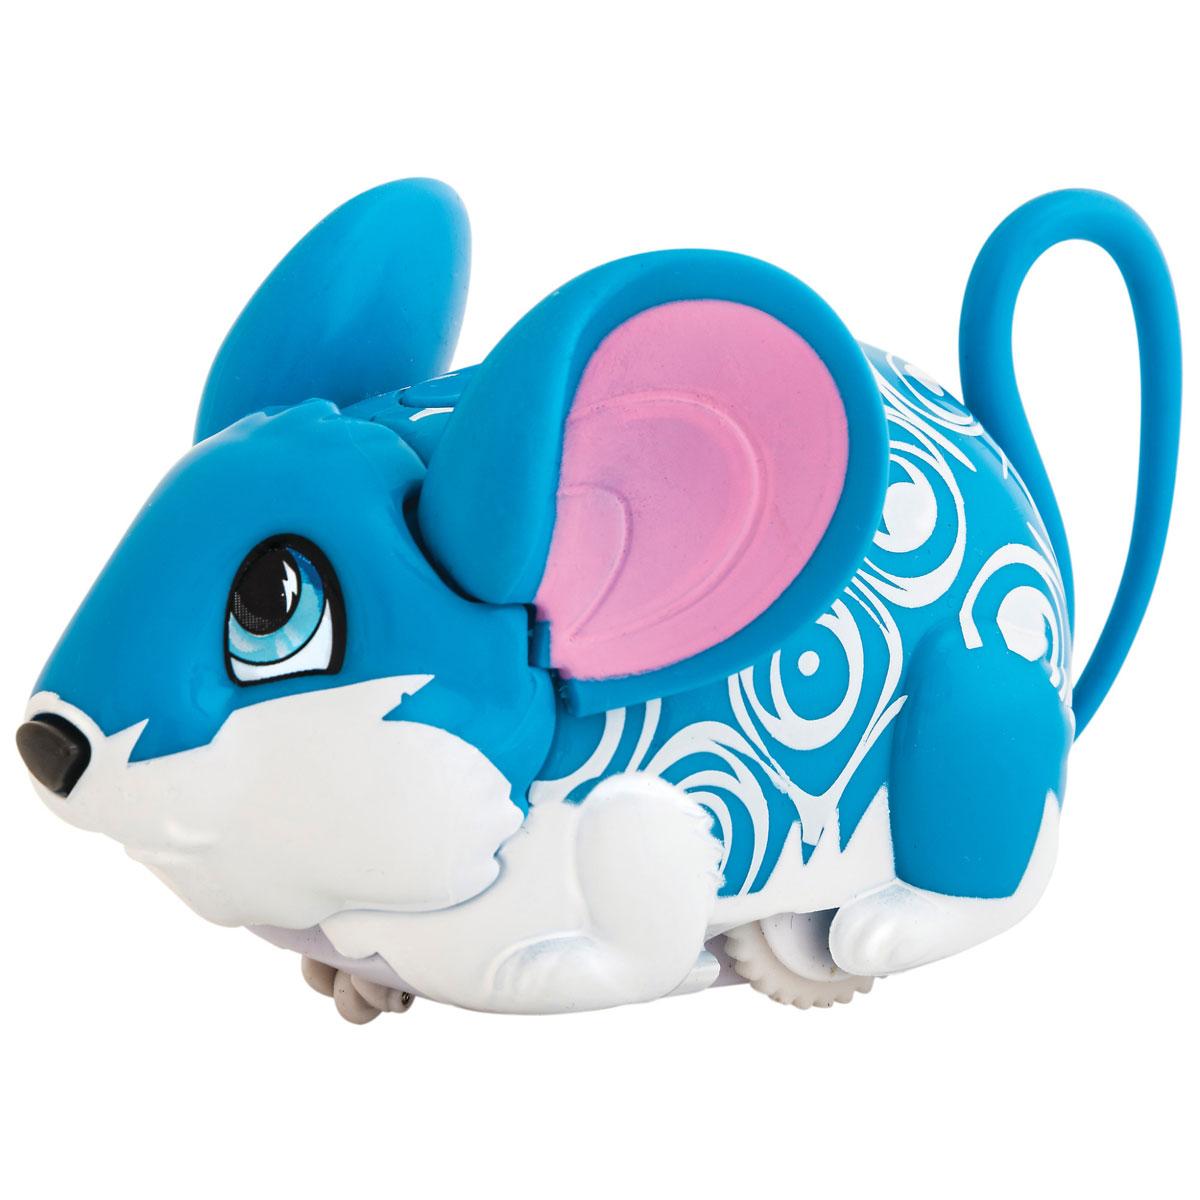 Amazing Zhus Игрушка Мышка-циркач Динамо26002Amazing Zhus Мышка-циркач Динамо - это забавная игрушка, выполненная в виде цирковой мышки длиной 11 см. Игрушка имеет 3 игровых режима. При нажатии на кнопку между ушками мышка начинает издавать забавные звуки каждые несколько секунд. При нажатии на кнопку на спине (режим исследования) мышка начинает изучать пространство, натыкаясь на препятствие, меняет направление и издает забавные звуки. При нажатии на носик - издает забавные звуки, а в режиме исследования нос используется как радар. В ассортименте Amazing Zhus есть множество цирковых аксессуаров для игры и фокусов с мышкой. Очаровательная мышка понравится и детям, и взрослым! Для работы игрушки необходимы 2 батарейки типа ААА (товар комплектуется демонстрационными).